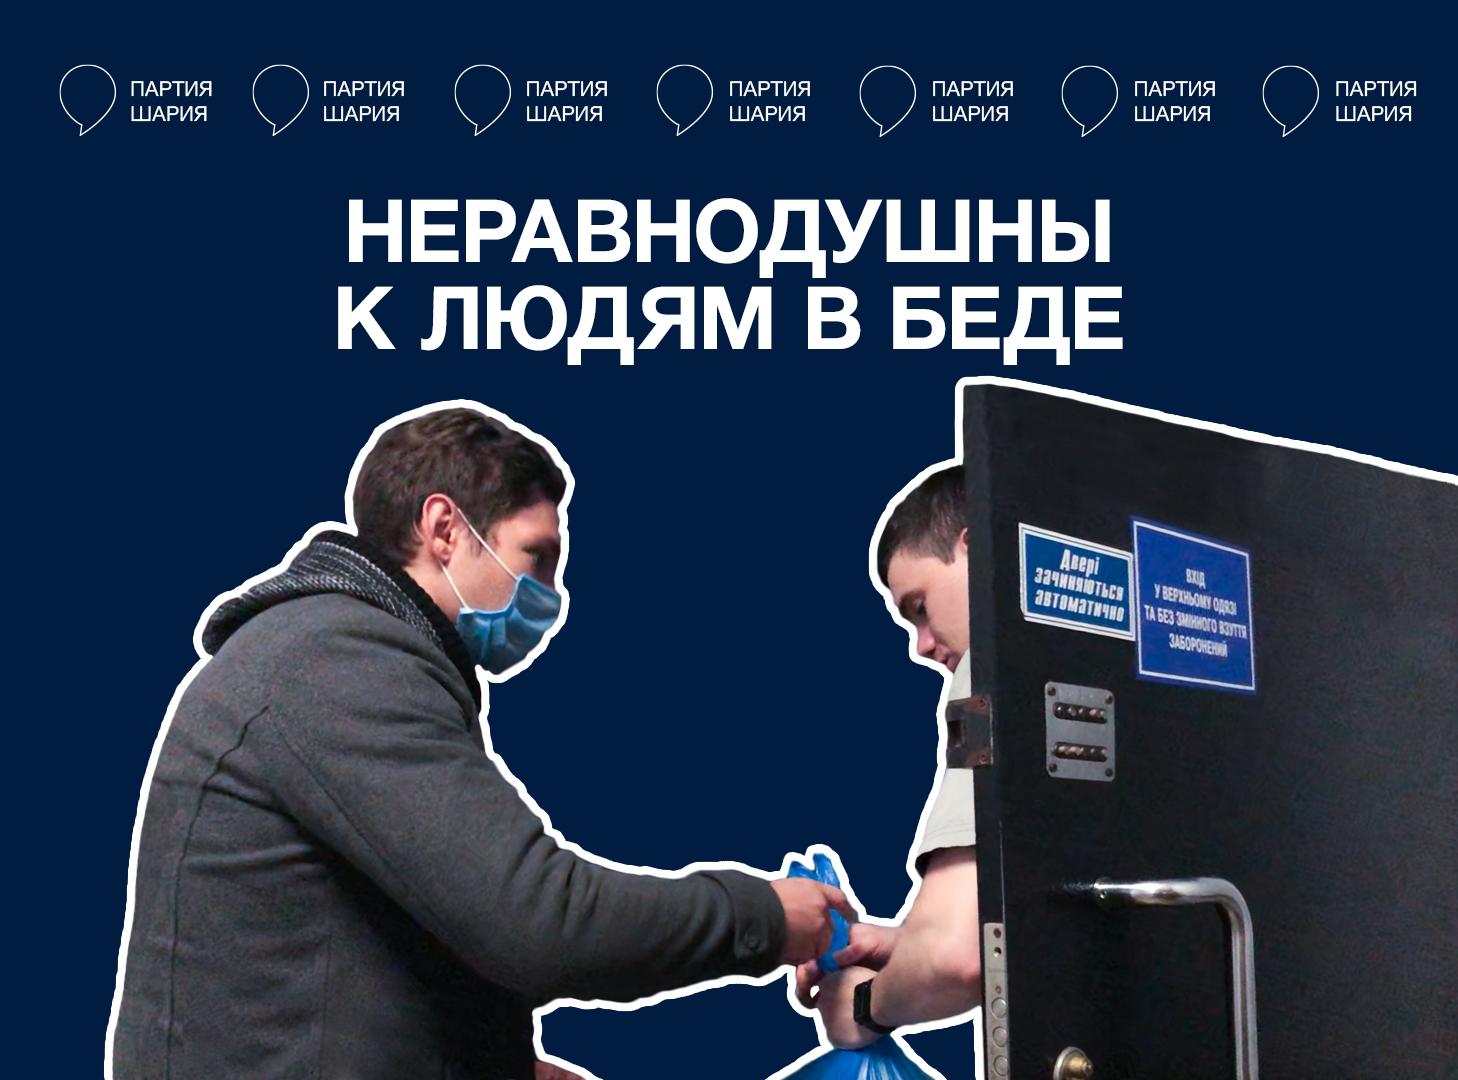 Помощь людям в беде ППШ Харьков - фото